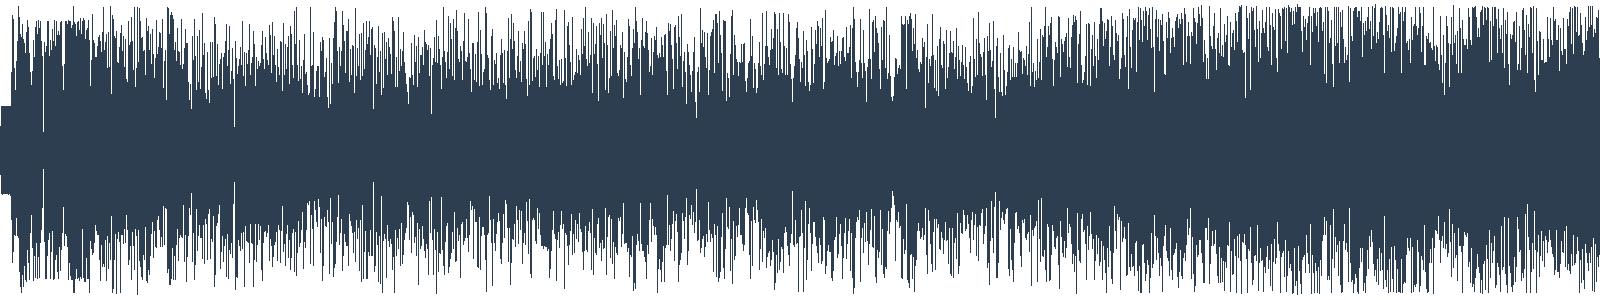 Audinovinky 12 - Speciál waveform